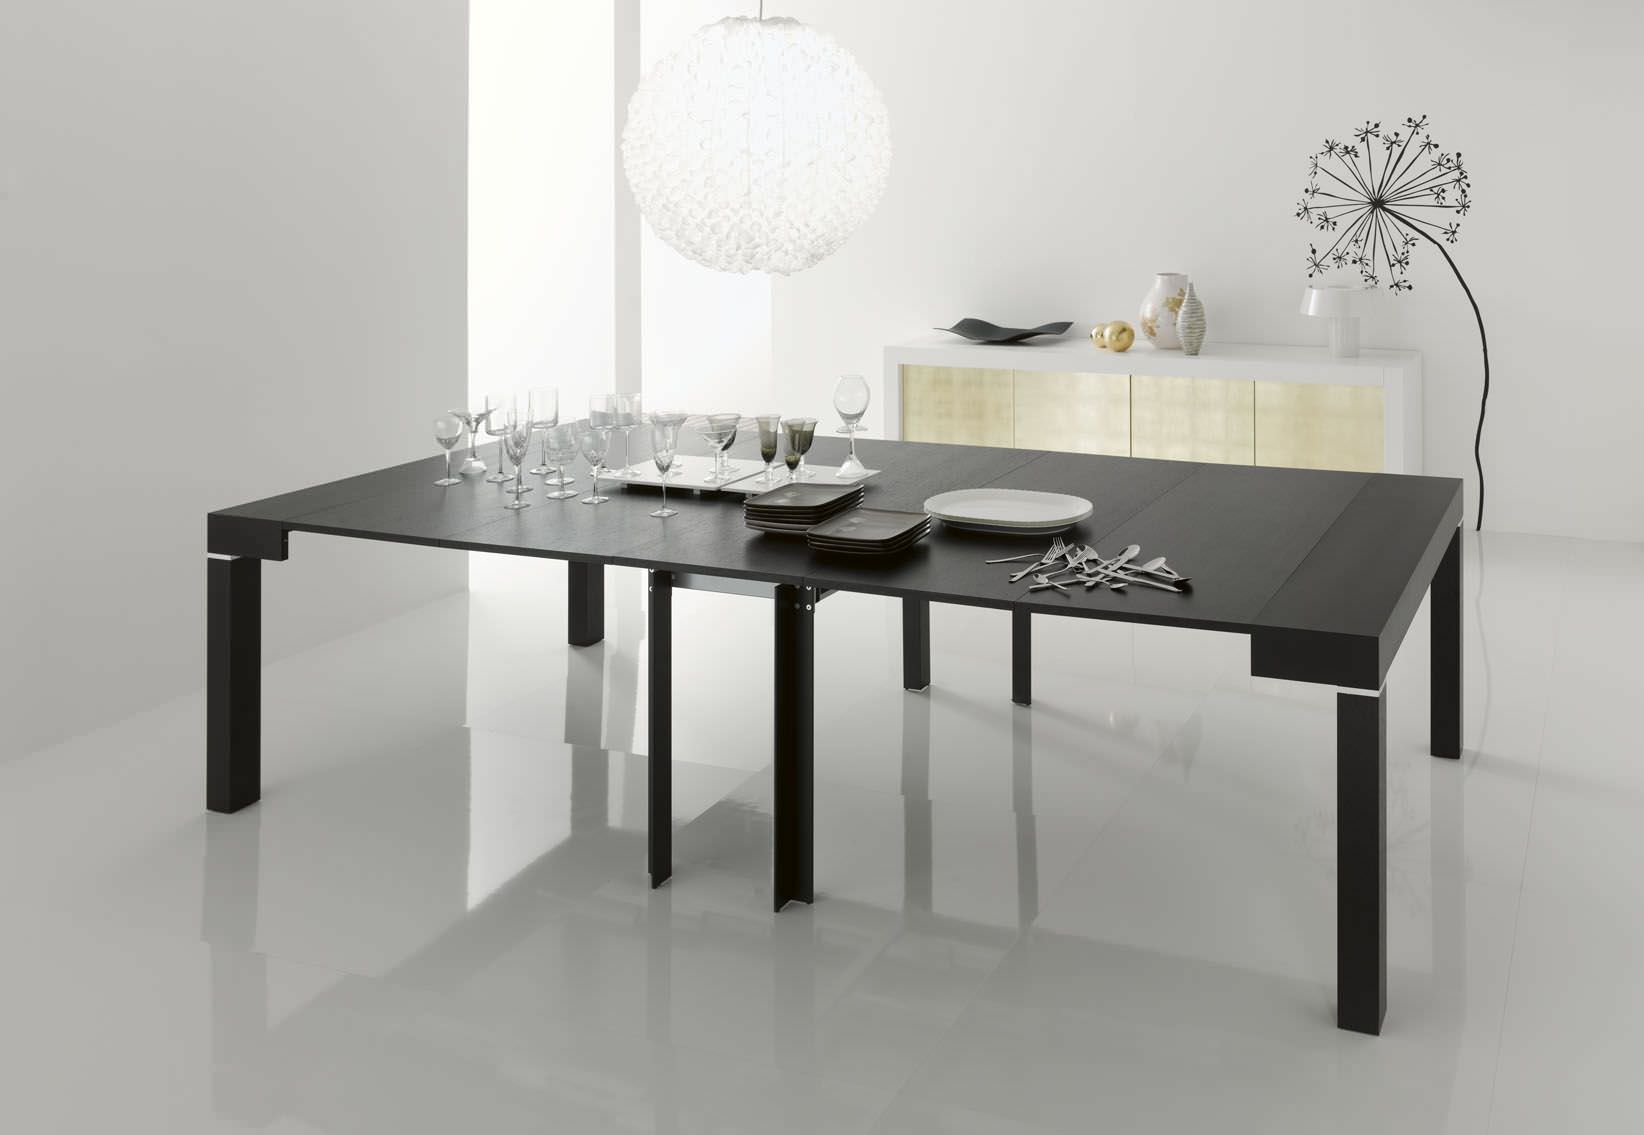 Idee da salotto tavoli consolle allungabili di design - Tavoli da sala allungabili ...